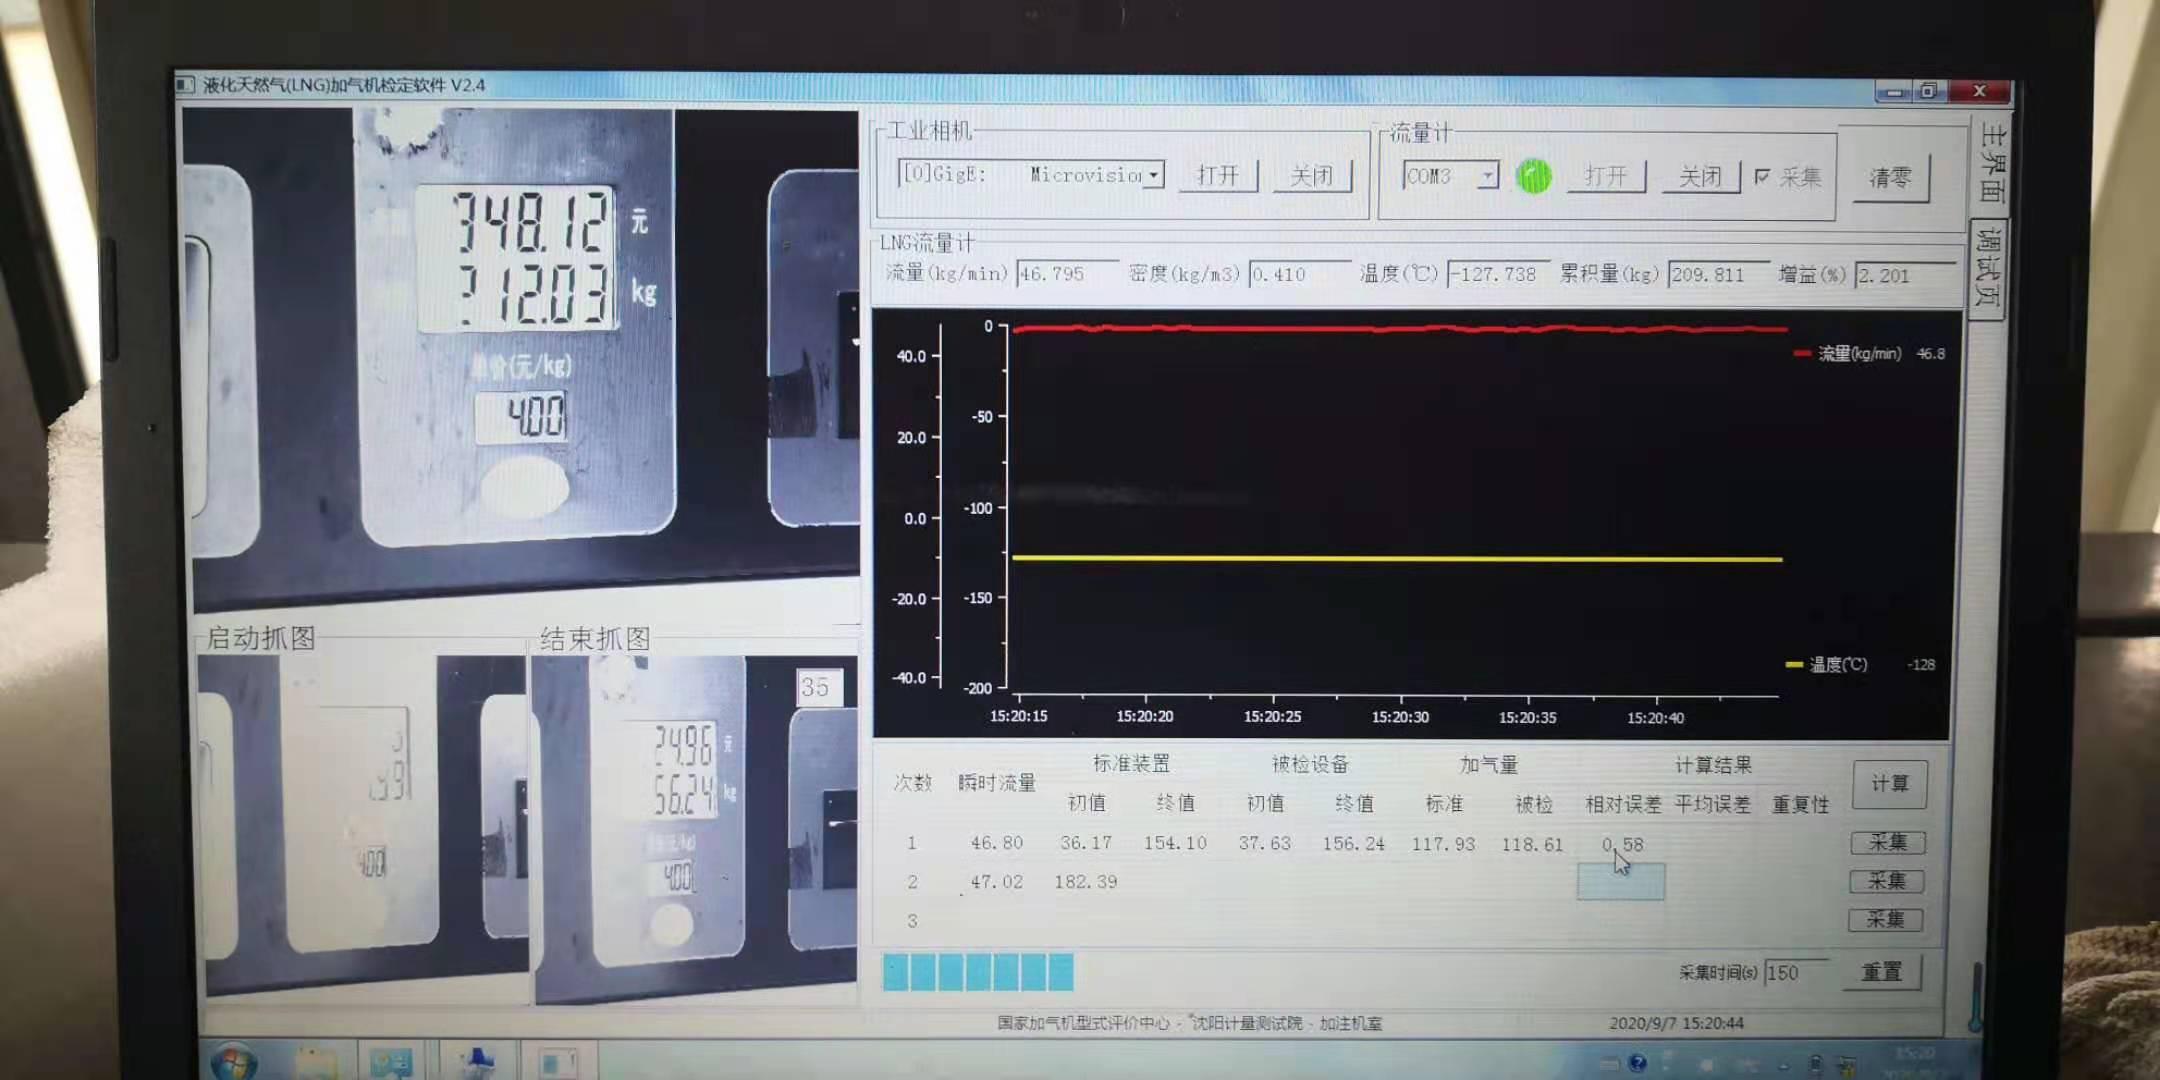 本網駐站專家裴銳發布LNG檢定軟件